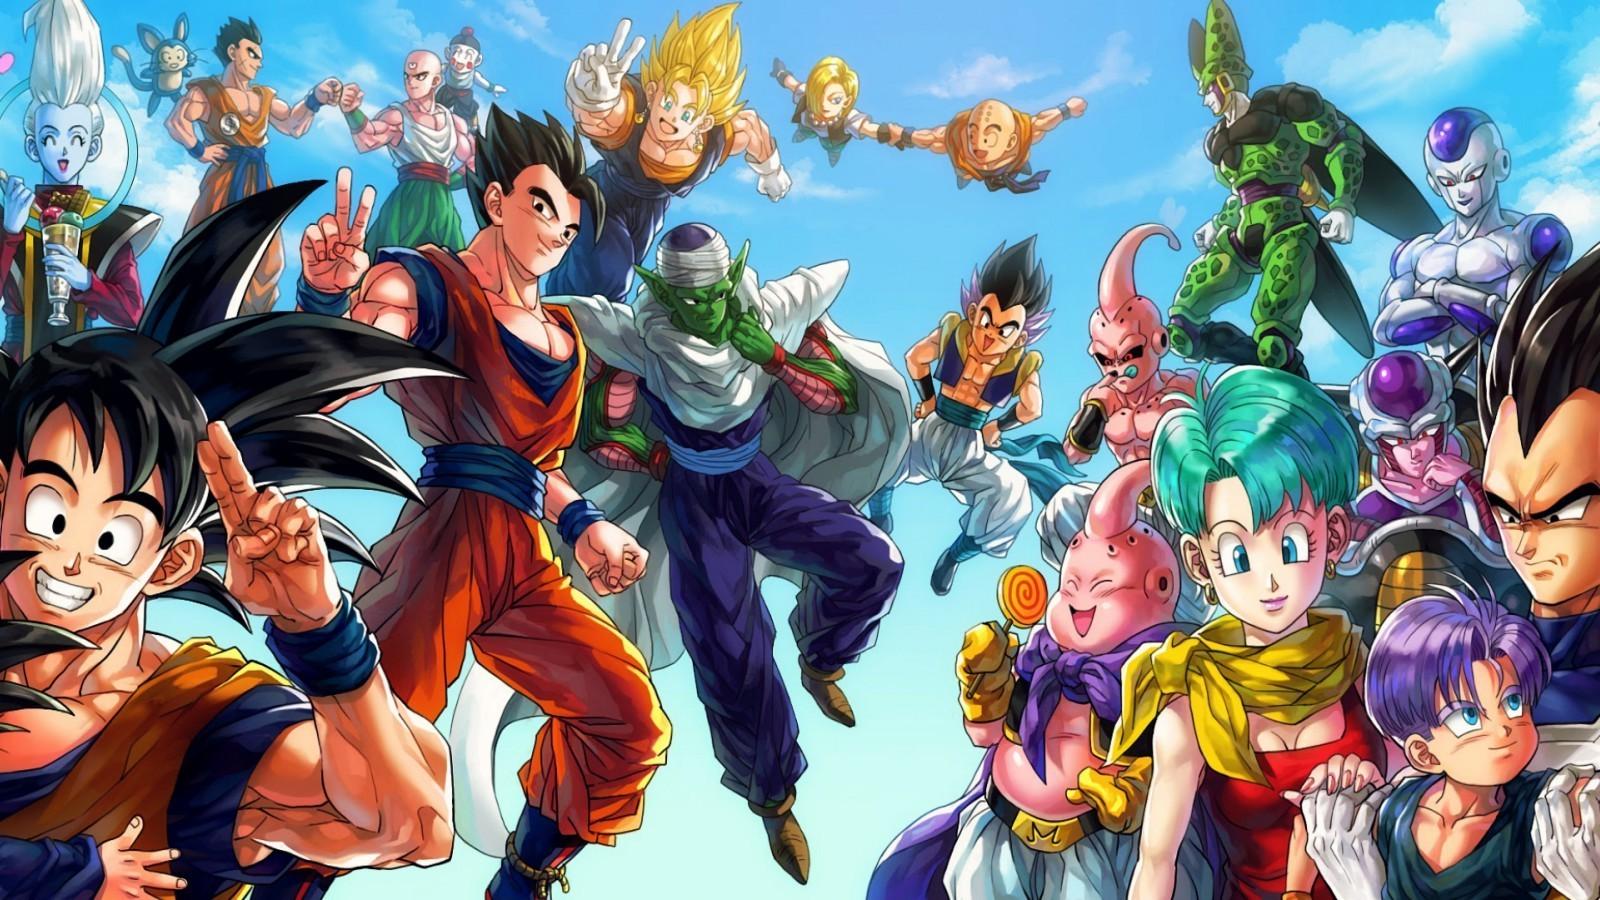 Son Goku Dragon Ball Z Android 18 Bulma Vegito Gohan Majin Boo Piccolo Trunks